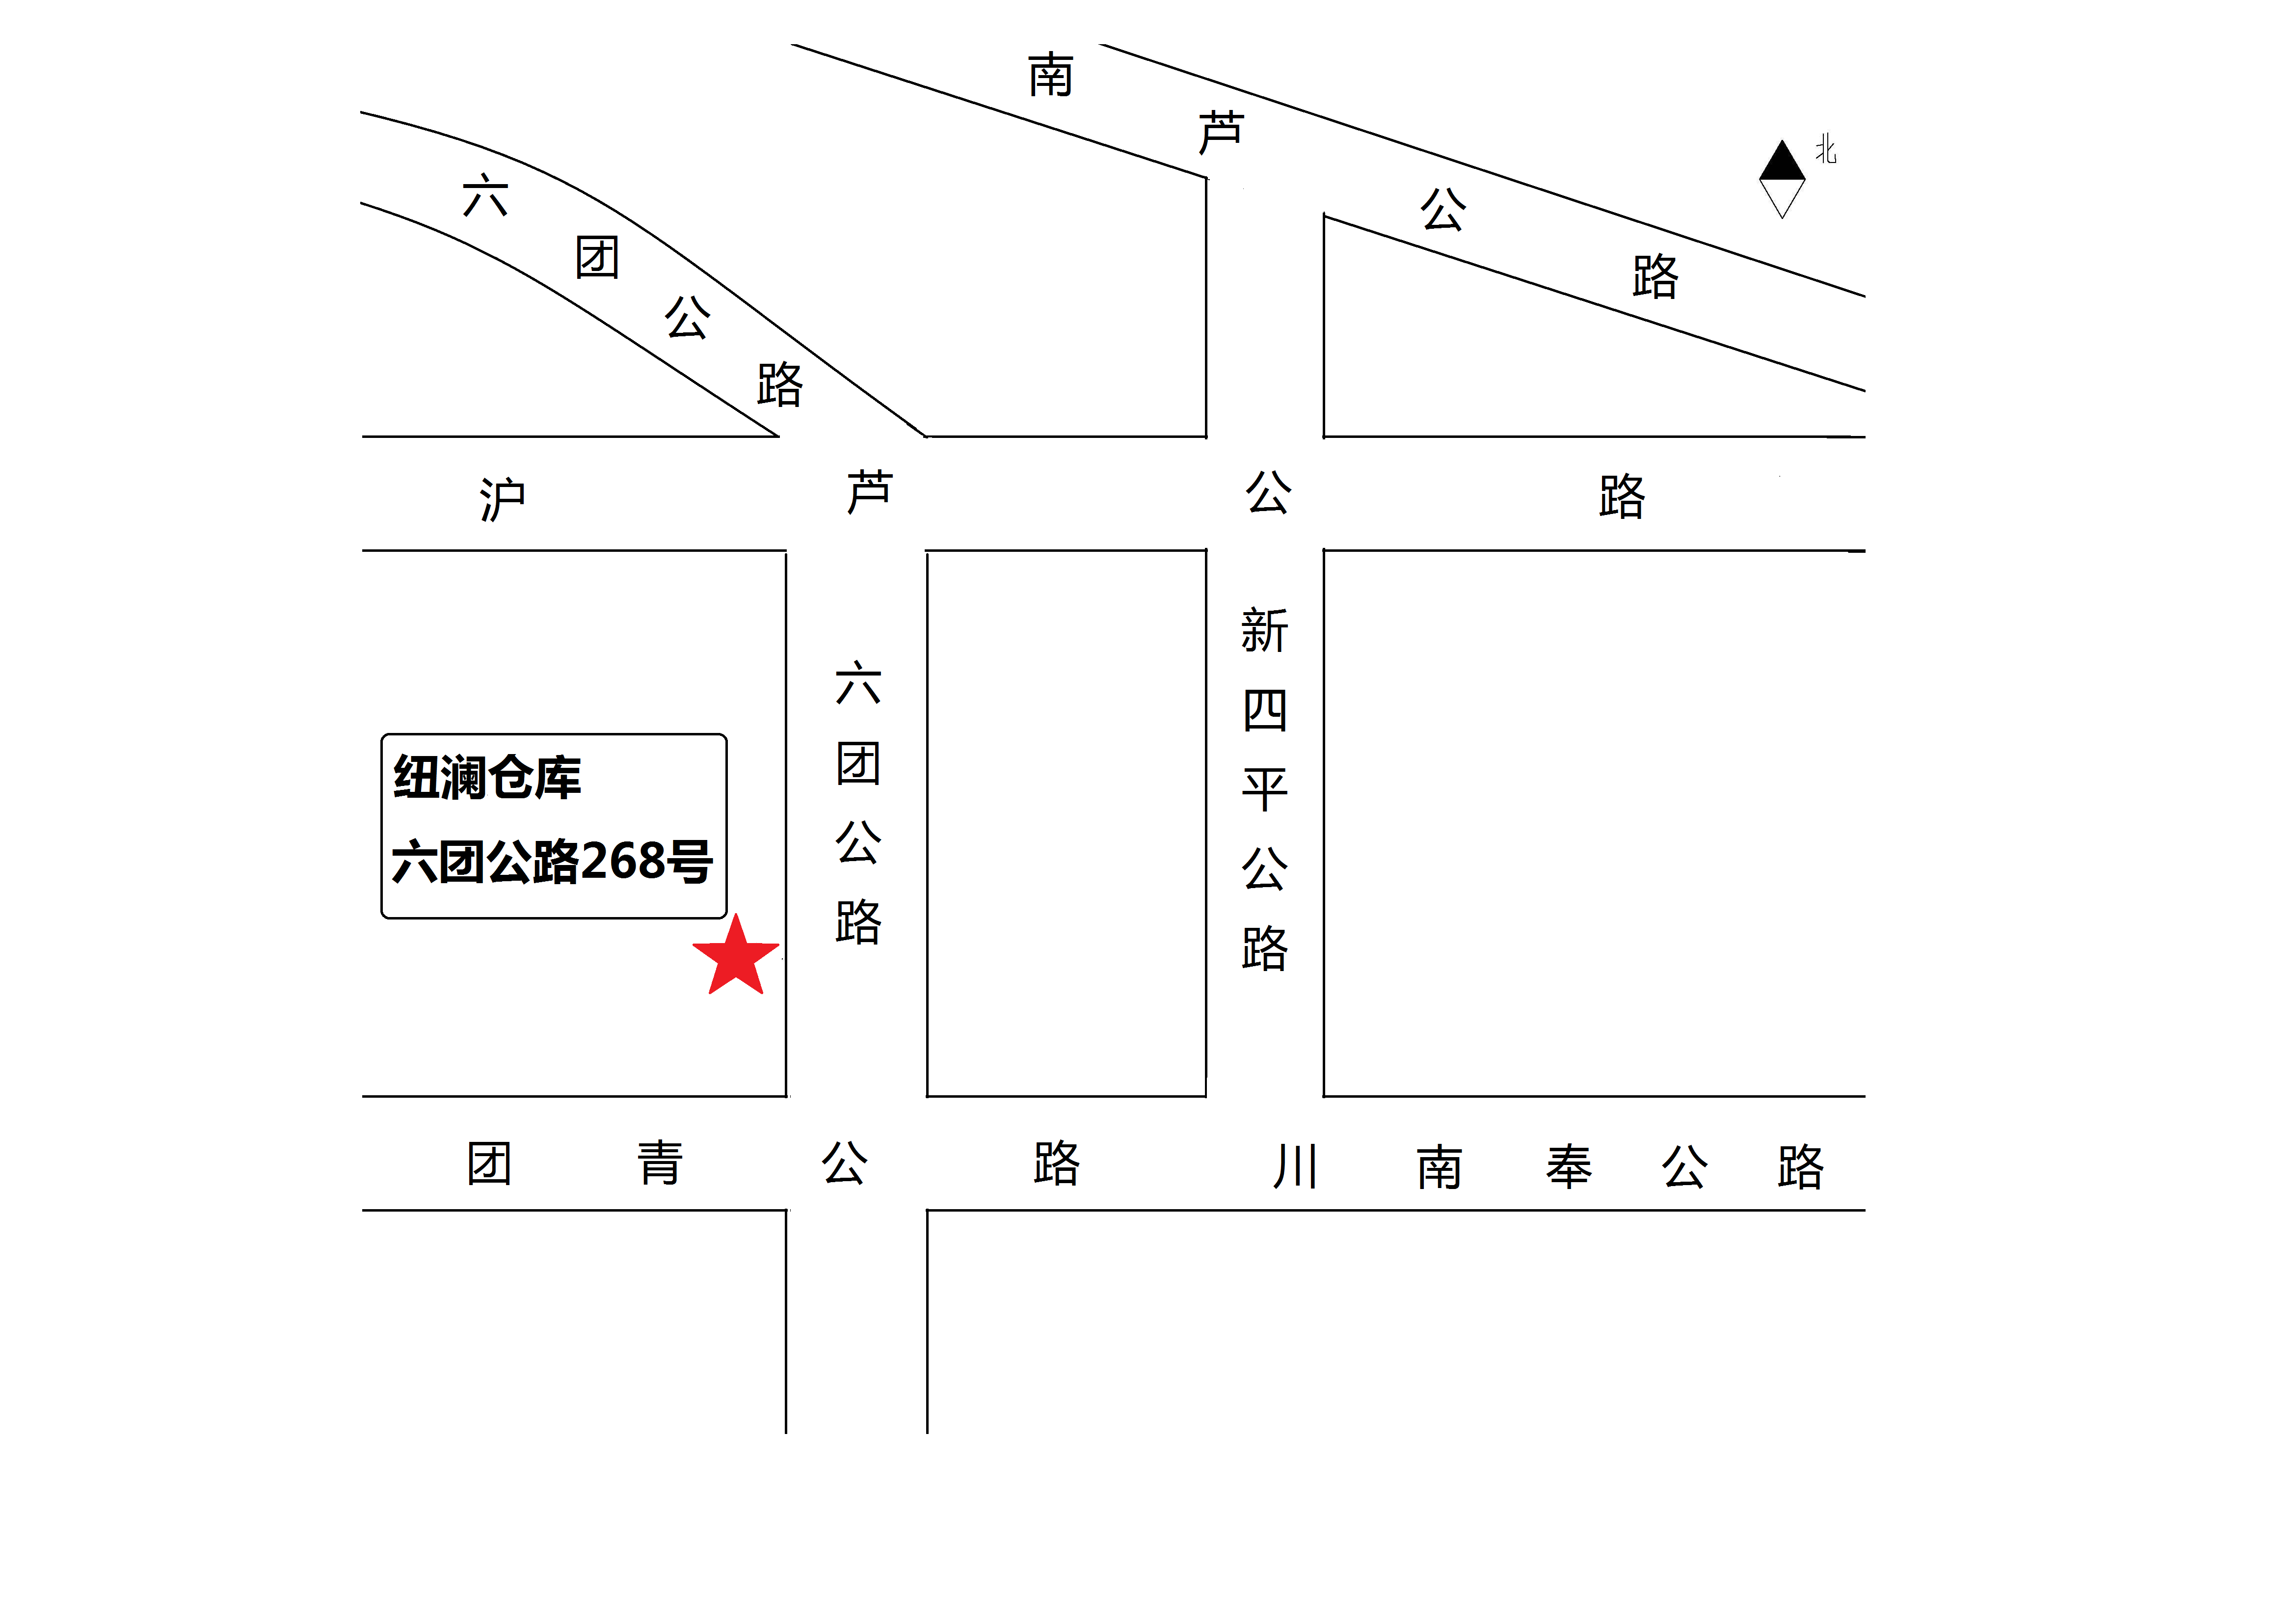 上海奉贤四团镇地图